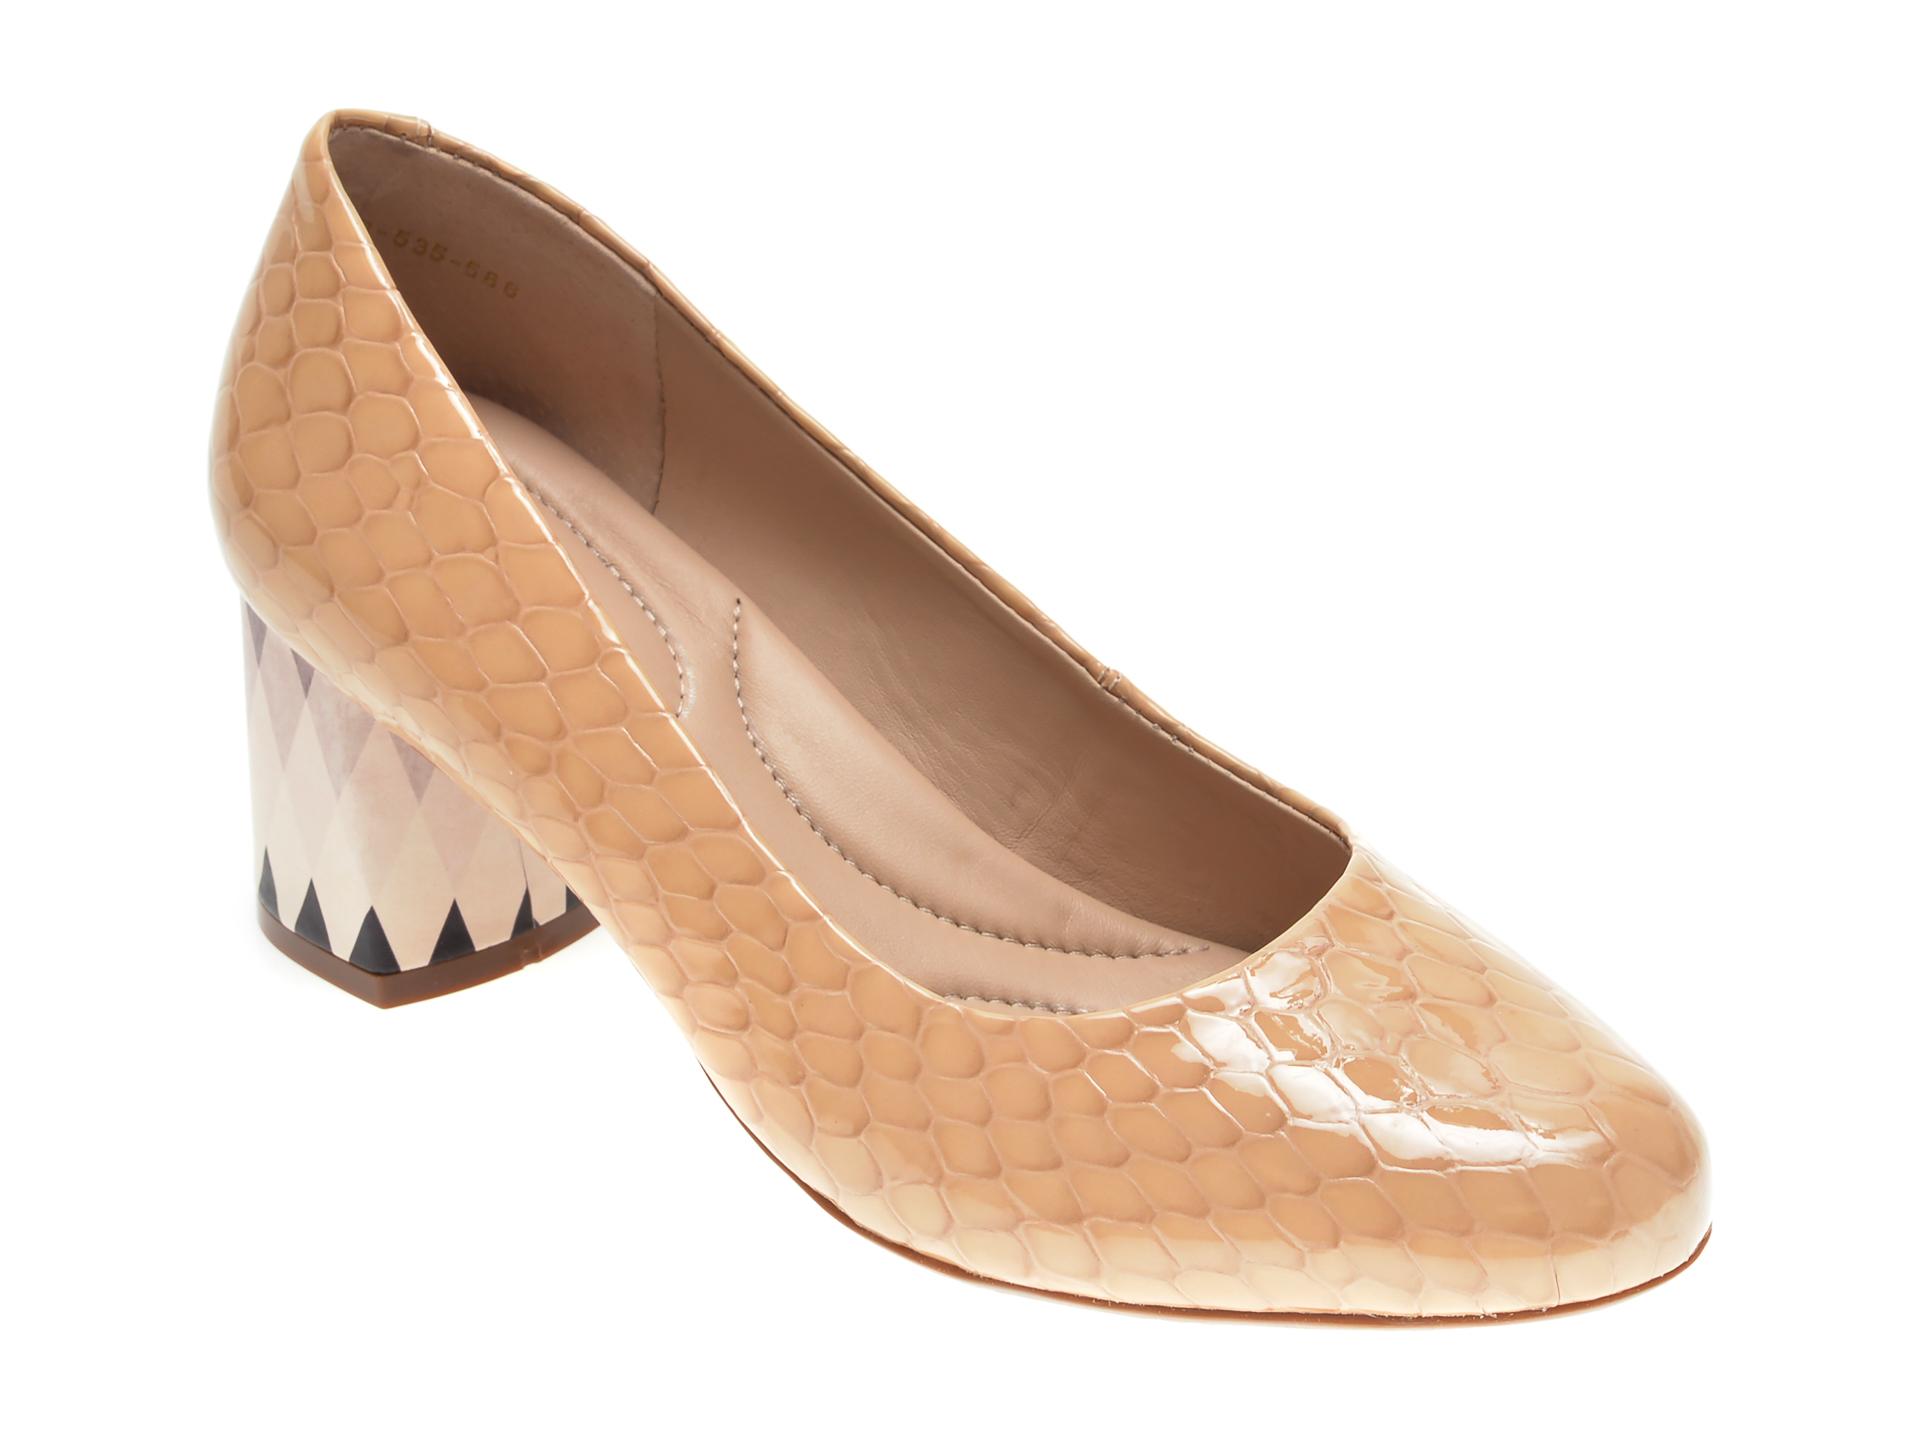 Pantofi EPICA bej, 9695358, din piele croco imagine